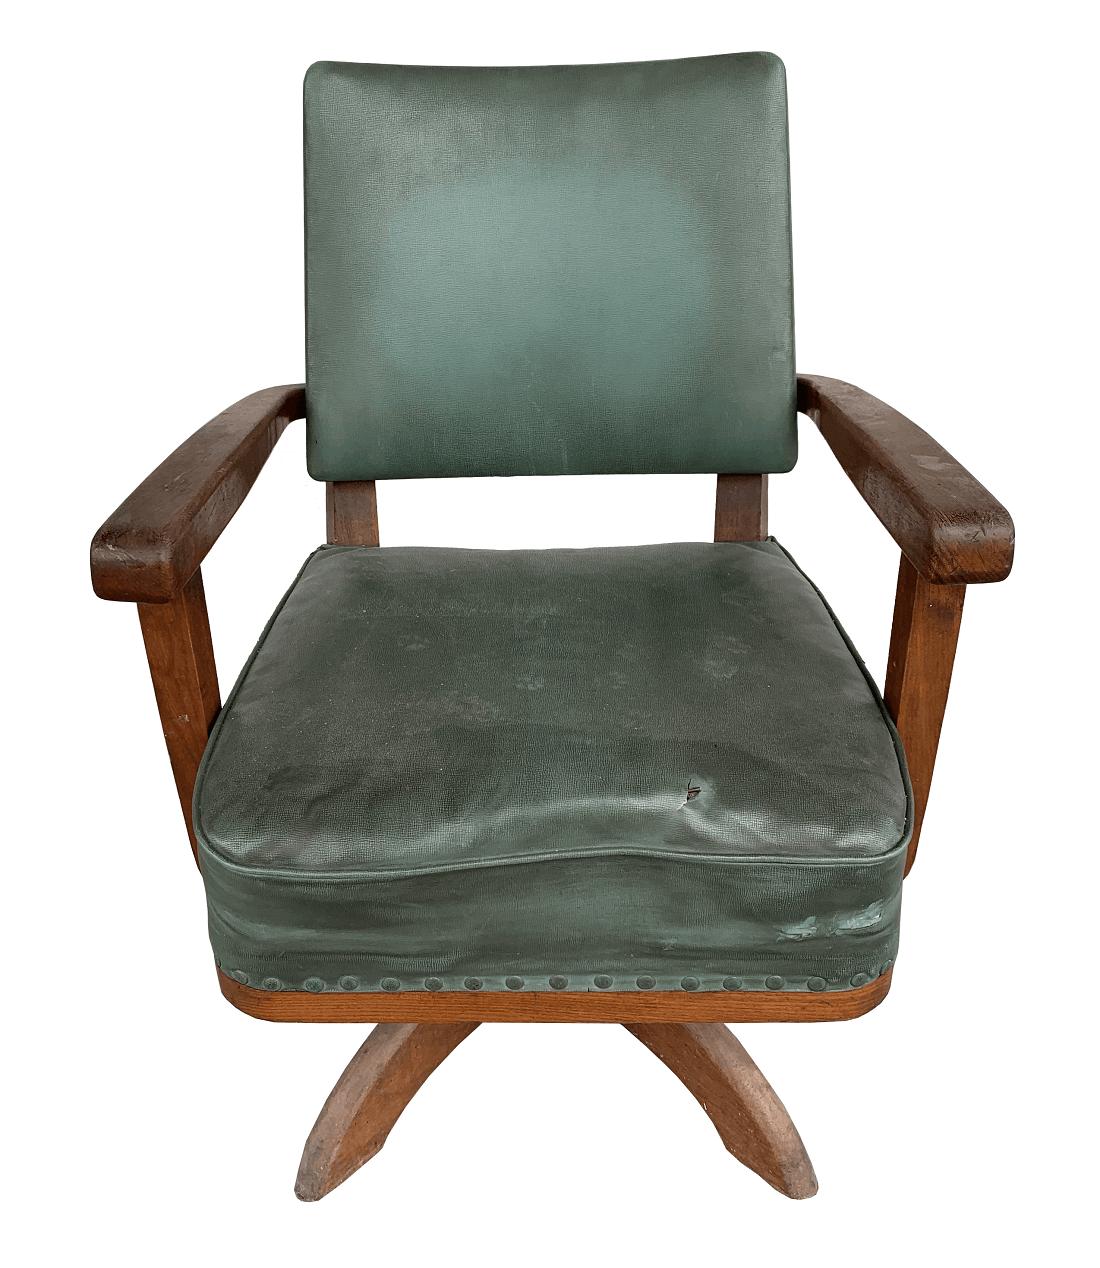 Cadeira Antiga Escritorio Giratoria Madeira